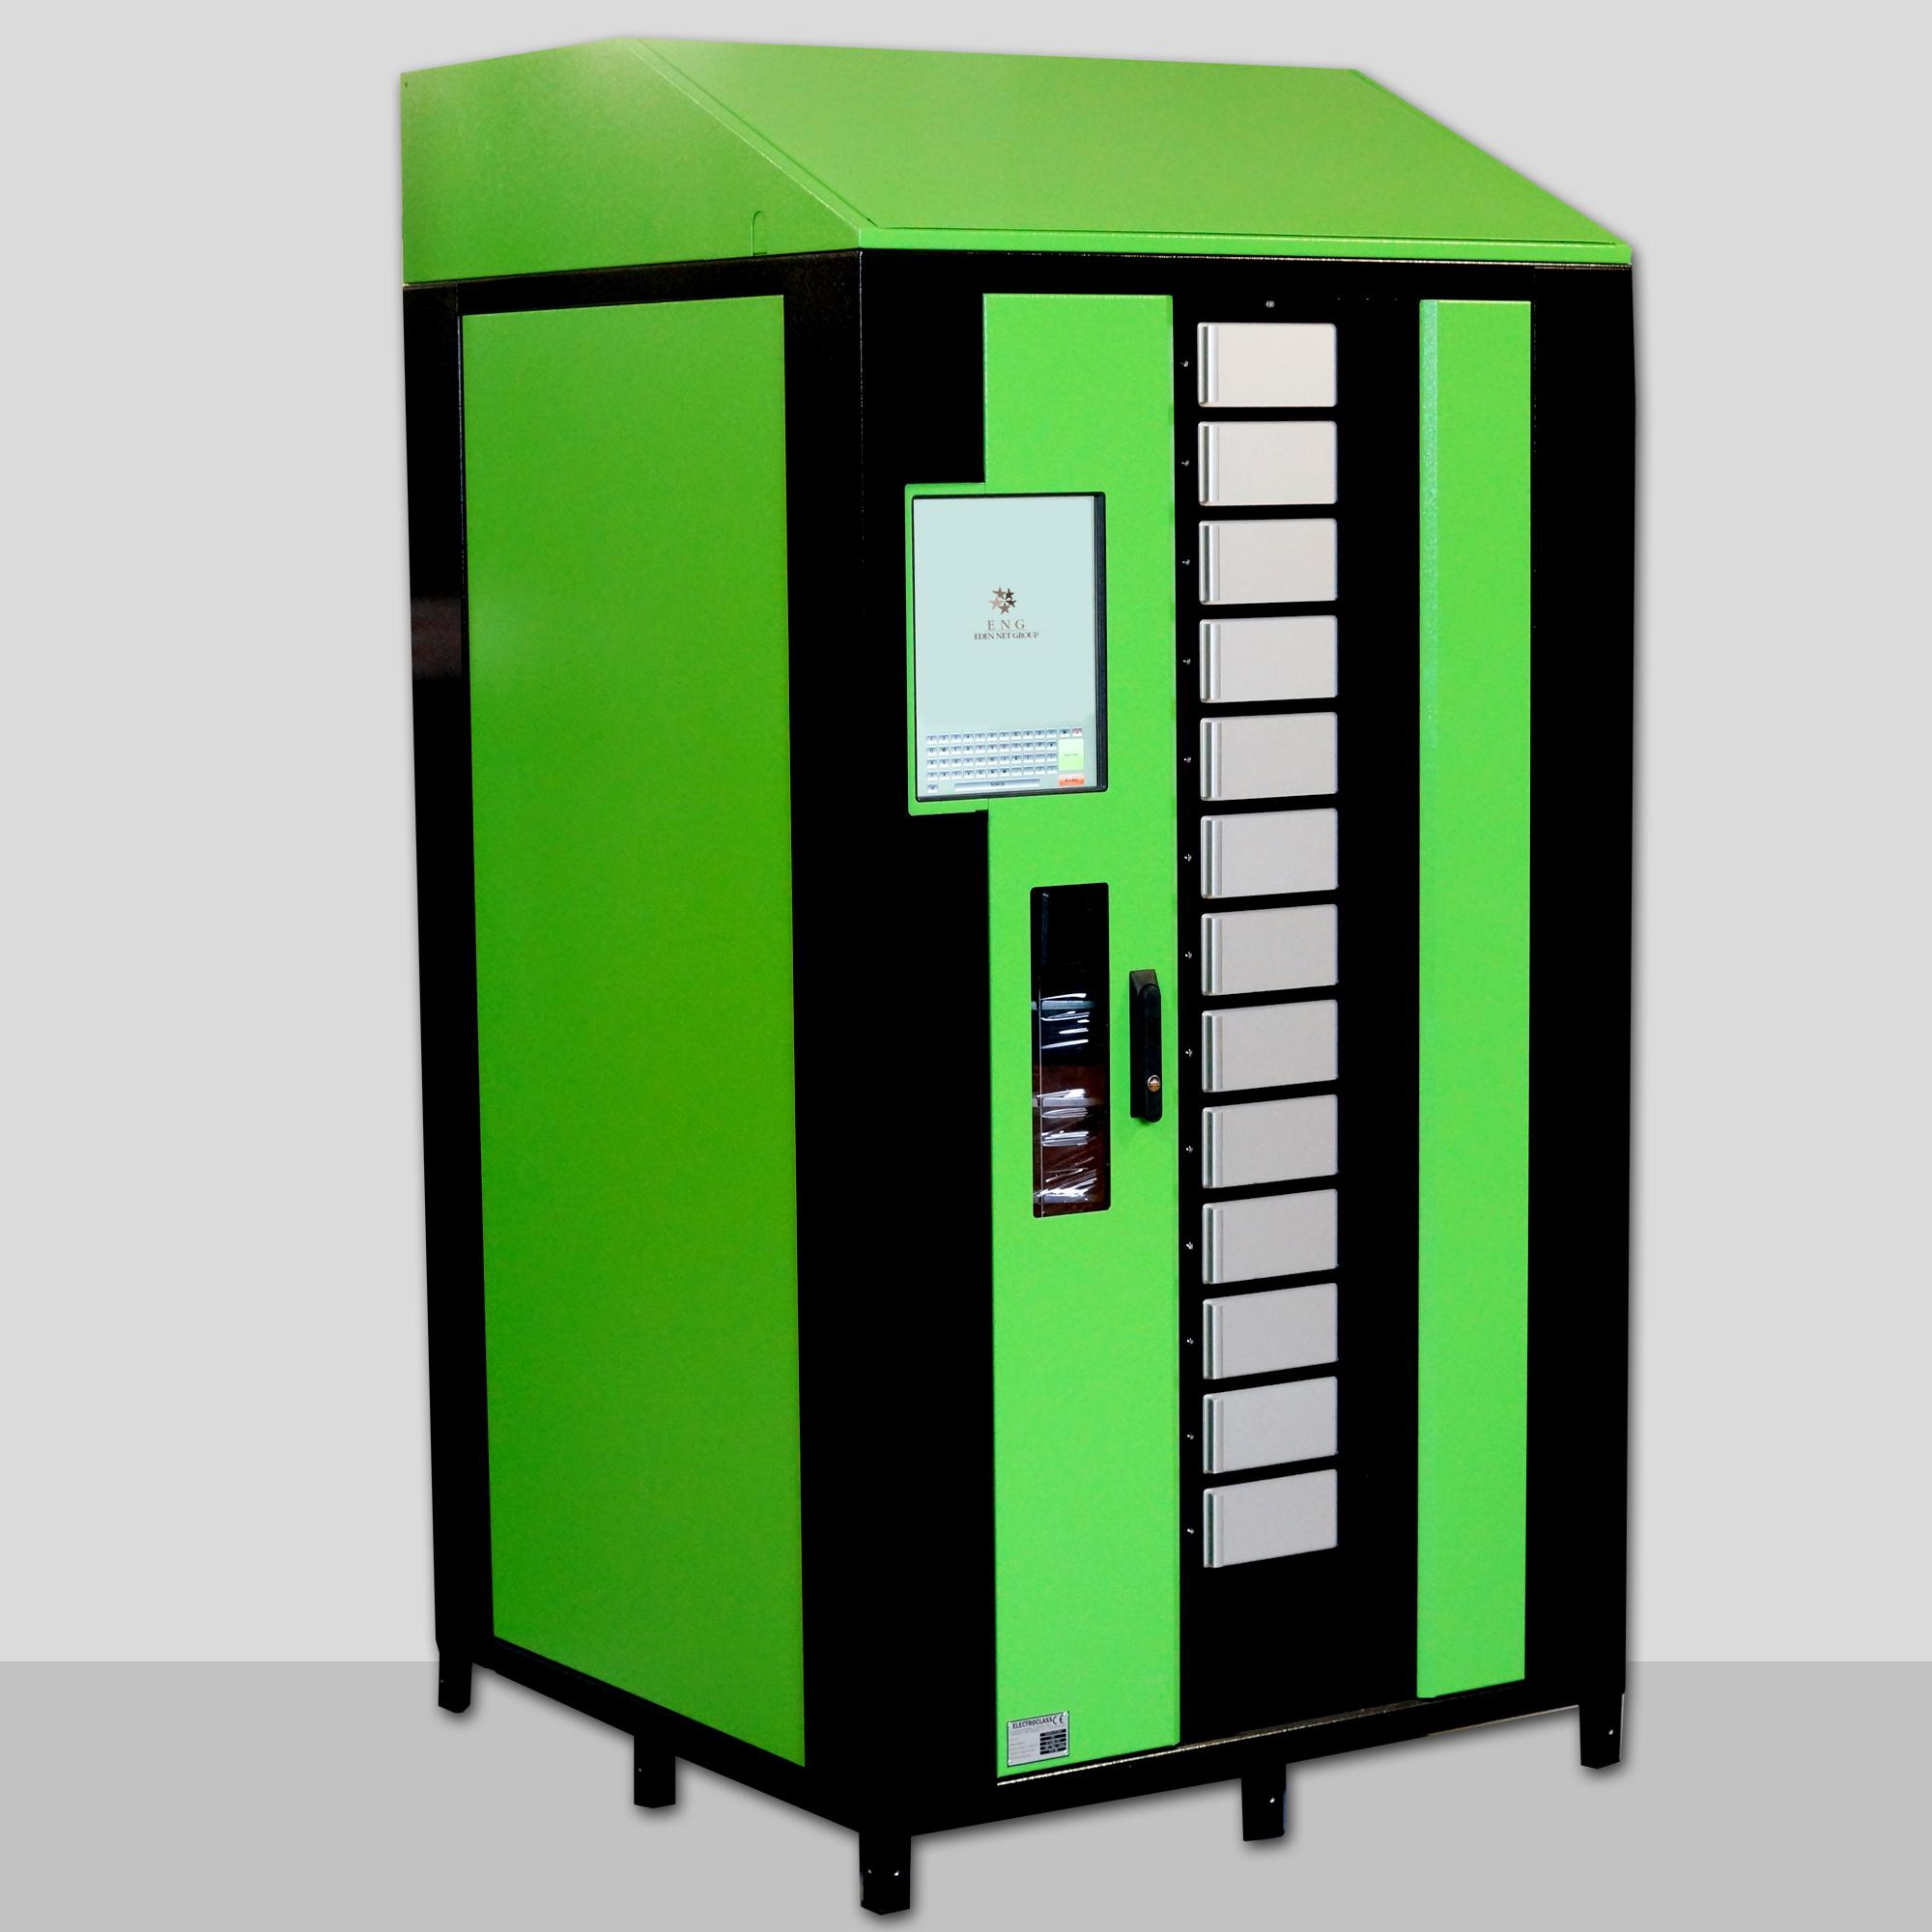 automat bhp